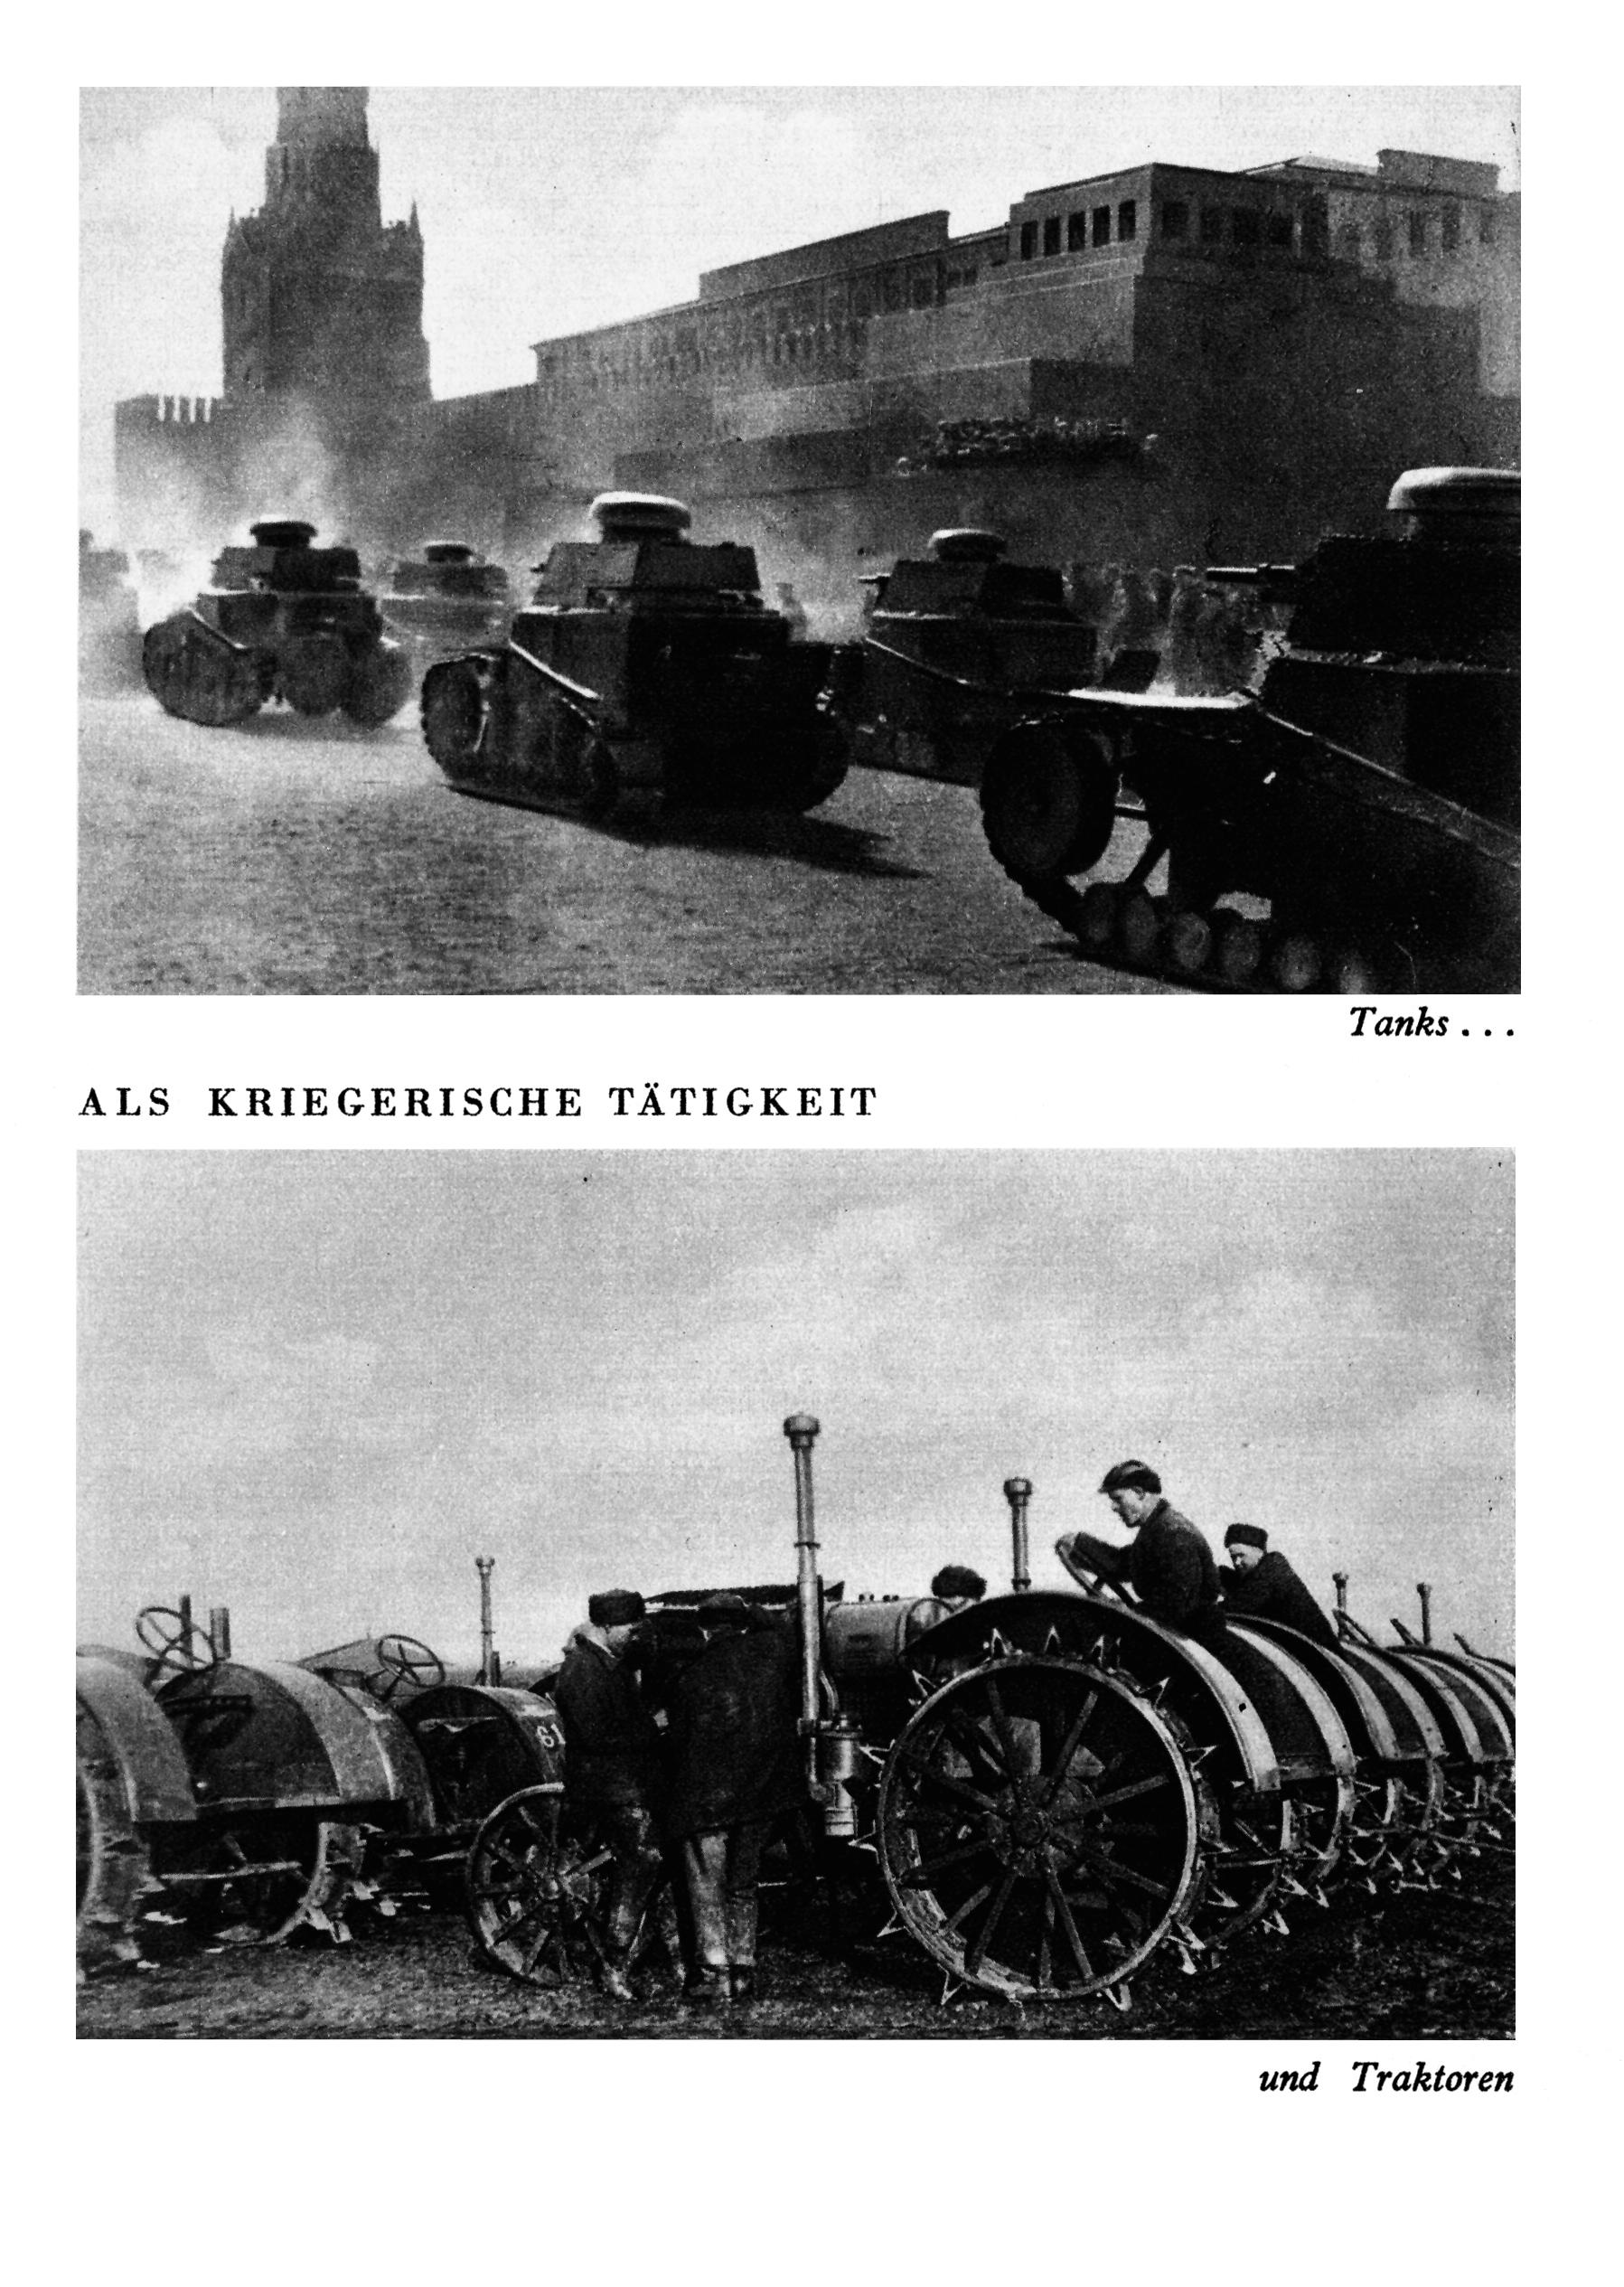 Carri armati e trattori